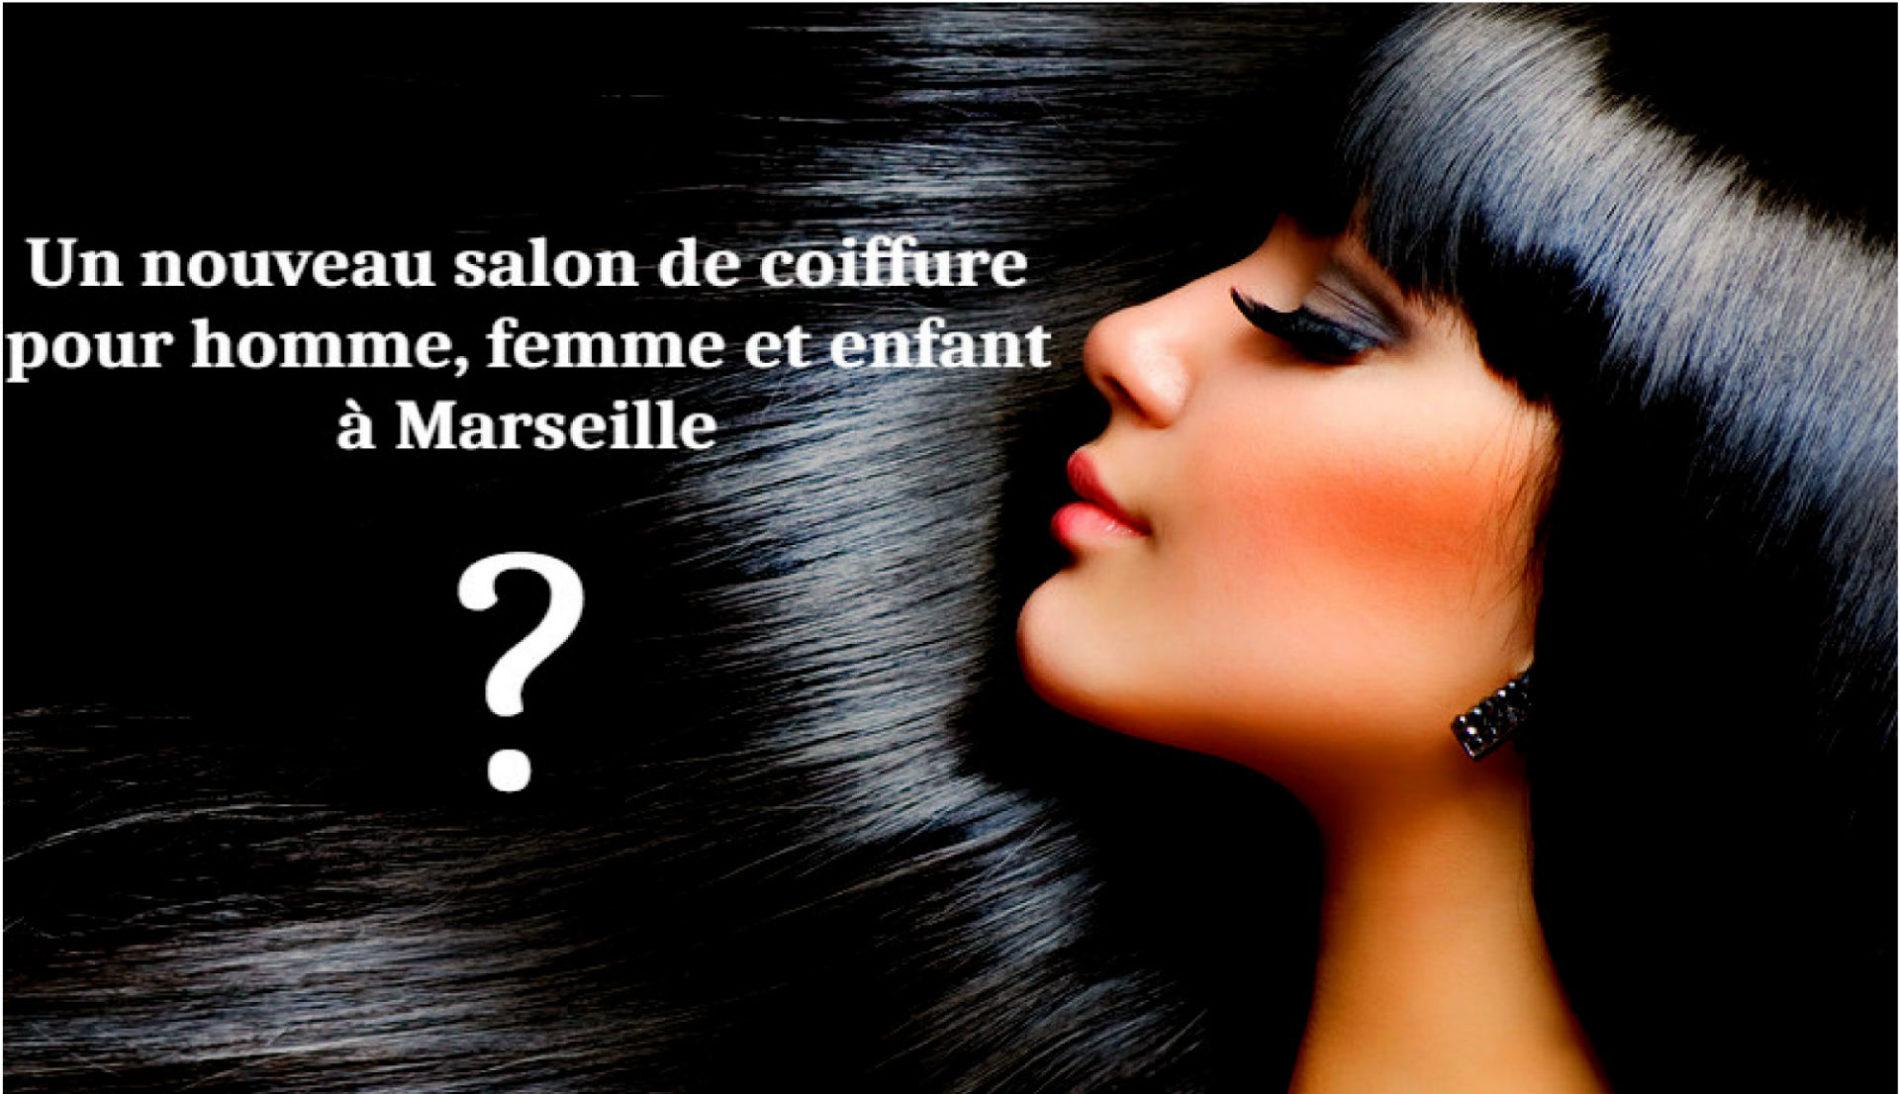 Nouveau salon de coiffure treize en beaut treize en beaut for Salon de coiffure niwel tarifs